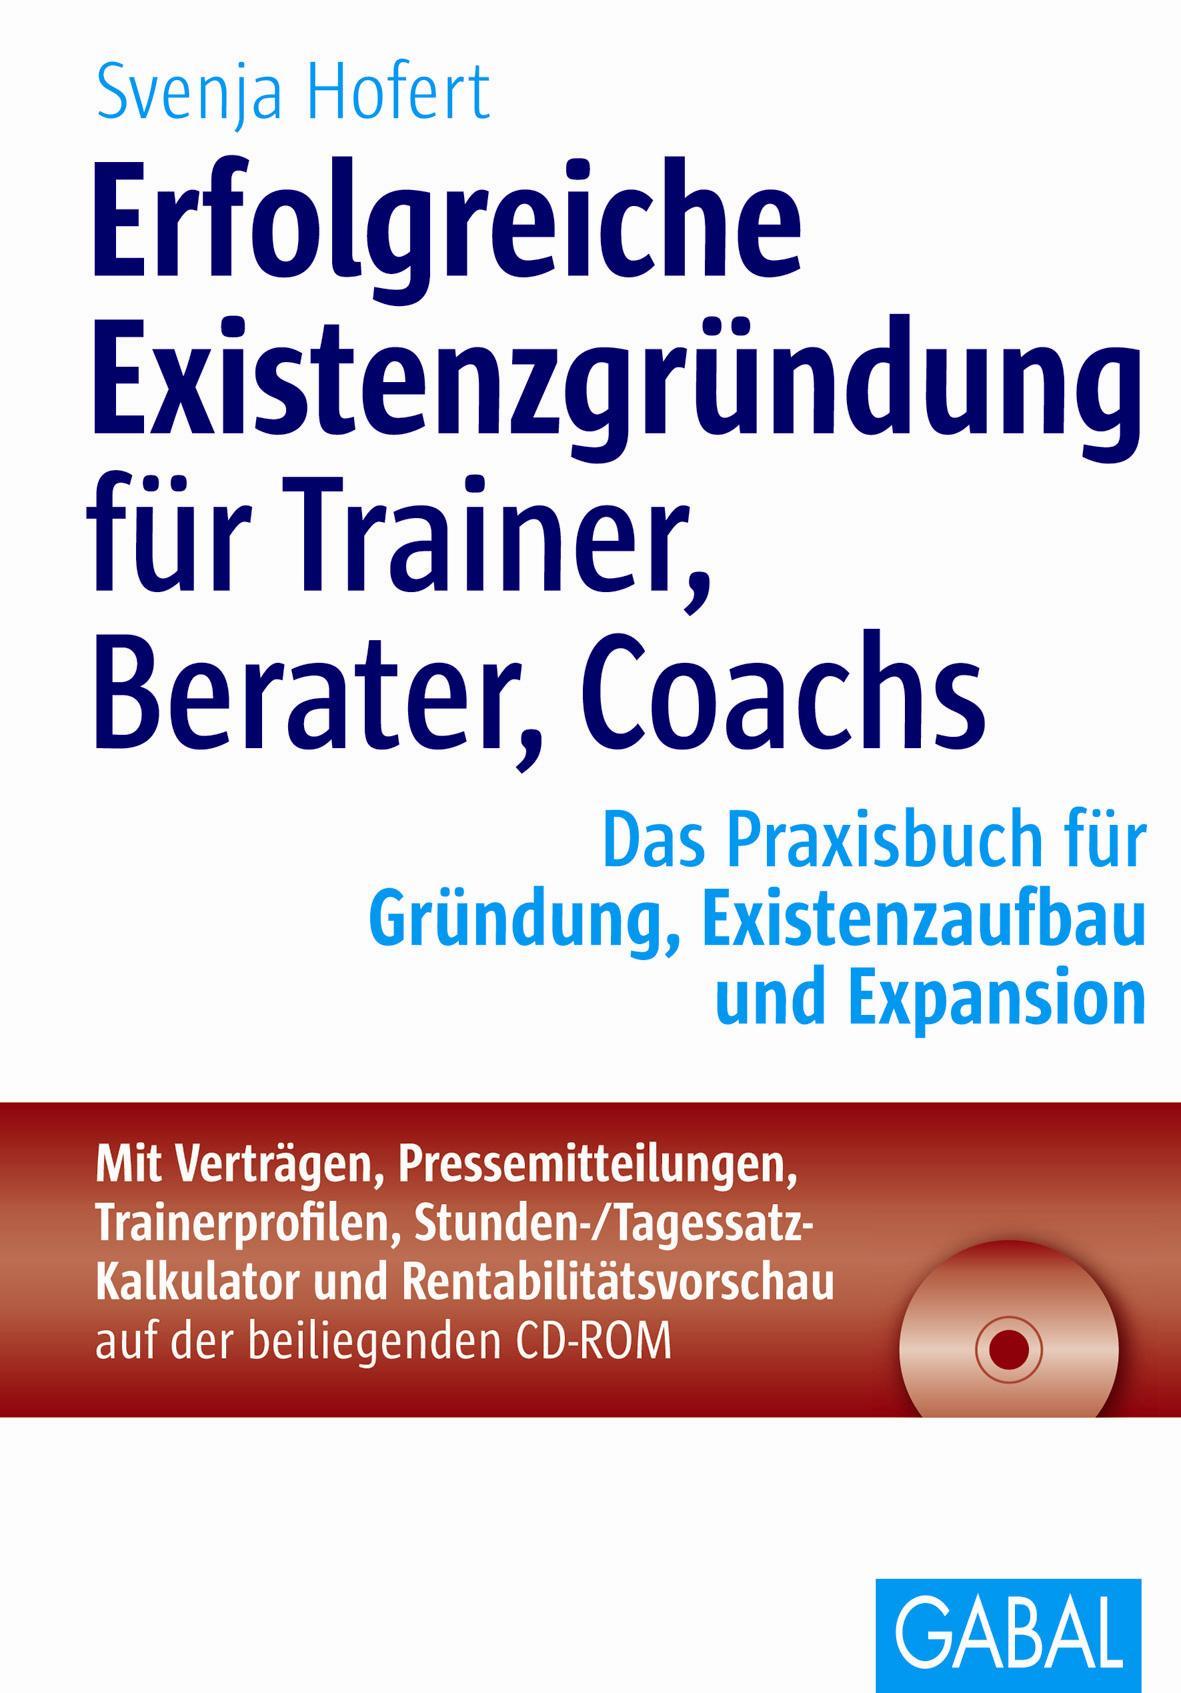 Erfolgreiche Existenzgründung für Trainer, Bera...